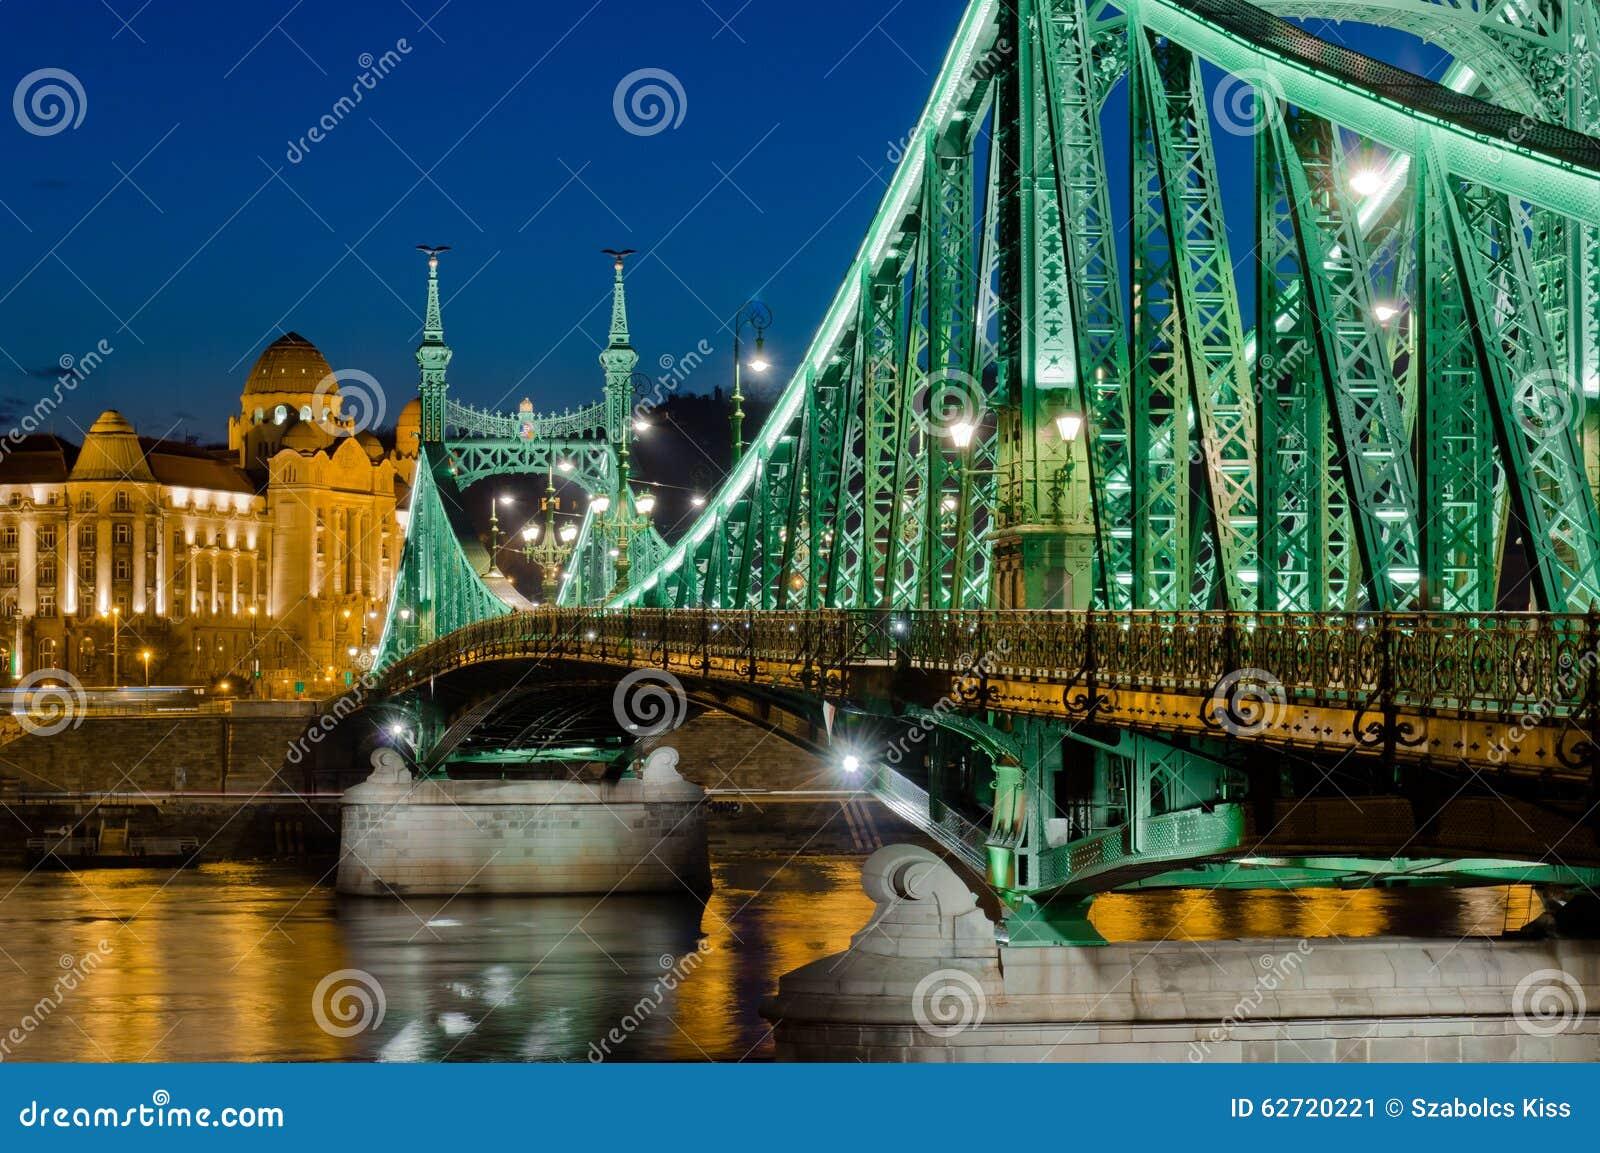 Άποψη γεφυρών ελευθερίας, Βουδαπέστη, Ουγγαρία